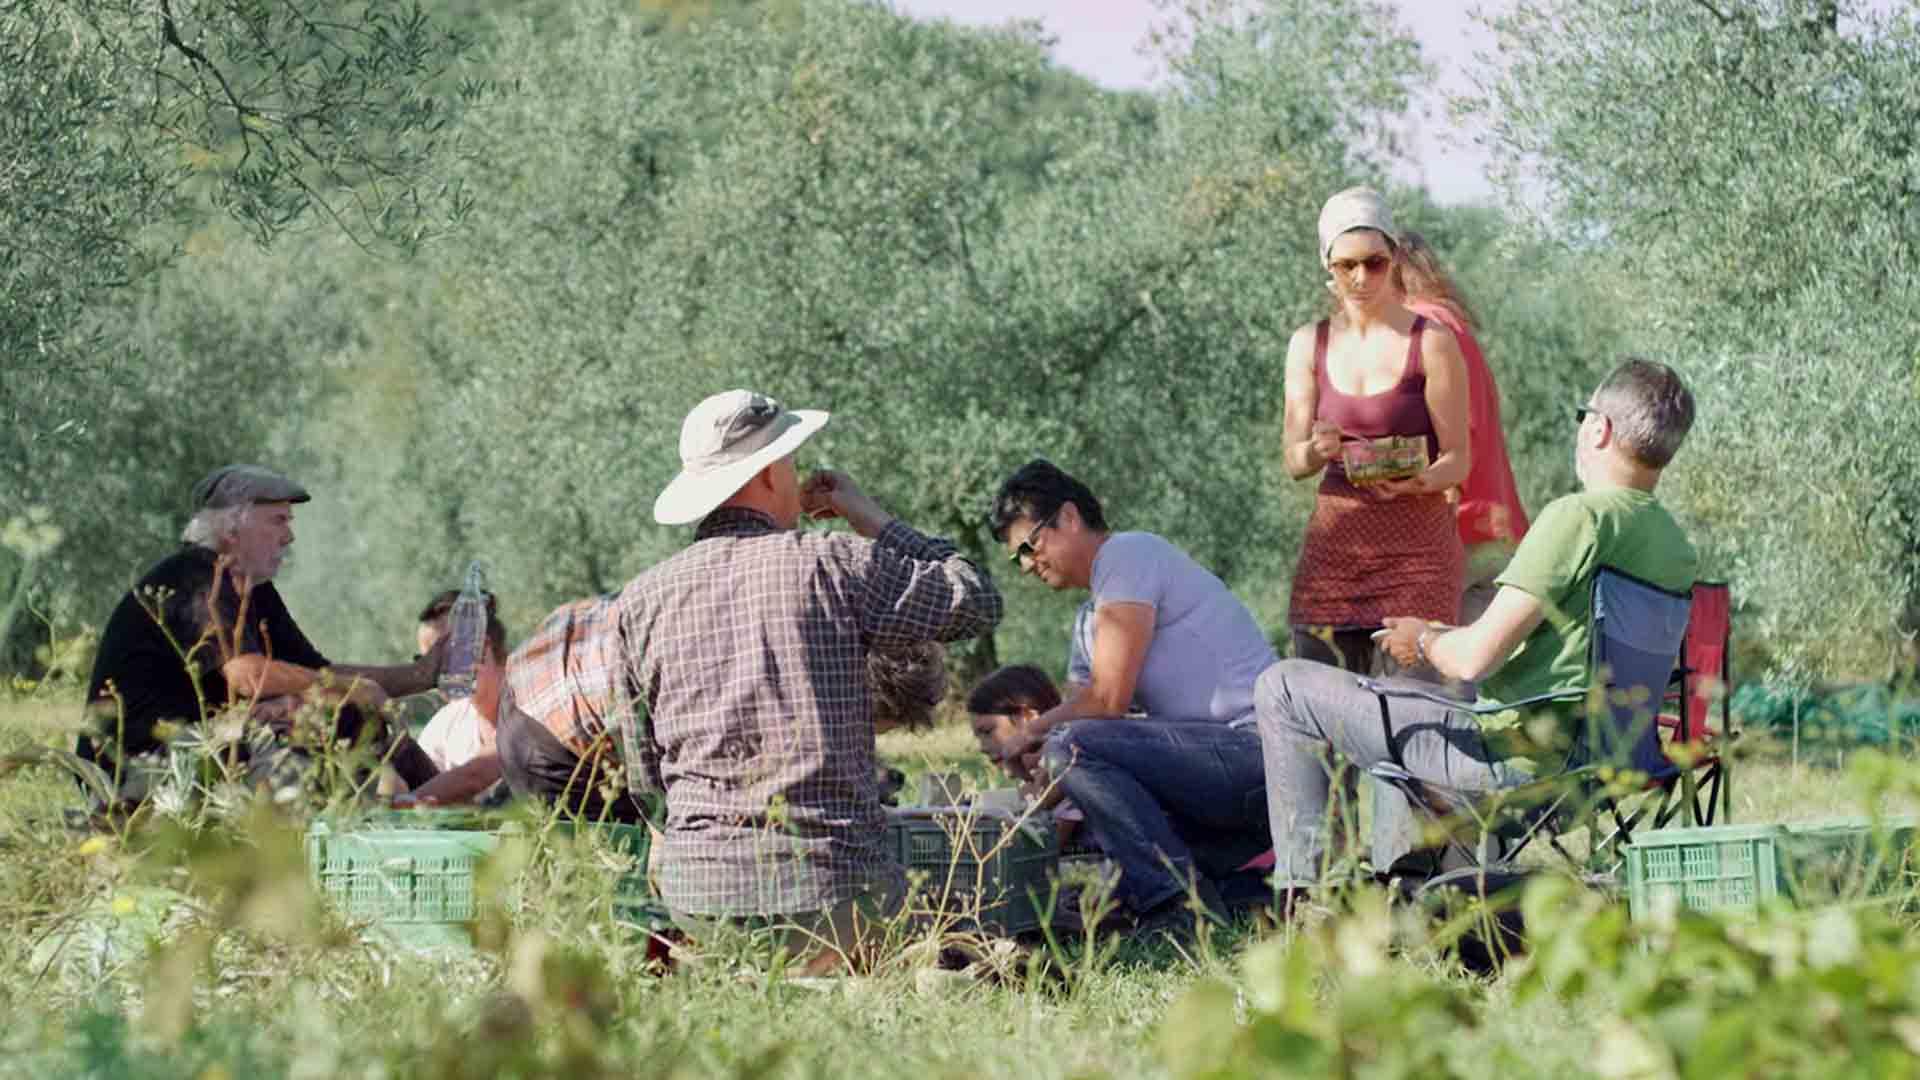 Das Bild zeigt eine Wiese und Bäume. In dieser Wiese sitzen viele Menschen. Eine Frau, die ein rotes Kleid trägt, steht. Neben ihr sitzen zwei Männer in einem Campingstuhl. Das Bild dient als Sliderbild für den Portfolioeintrag Kurzfilm Tränen der Olive von Panda Pictures.